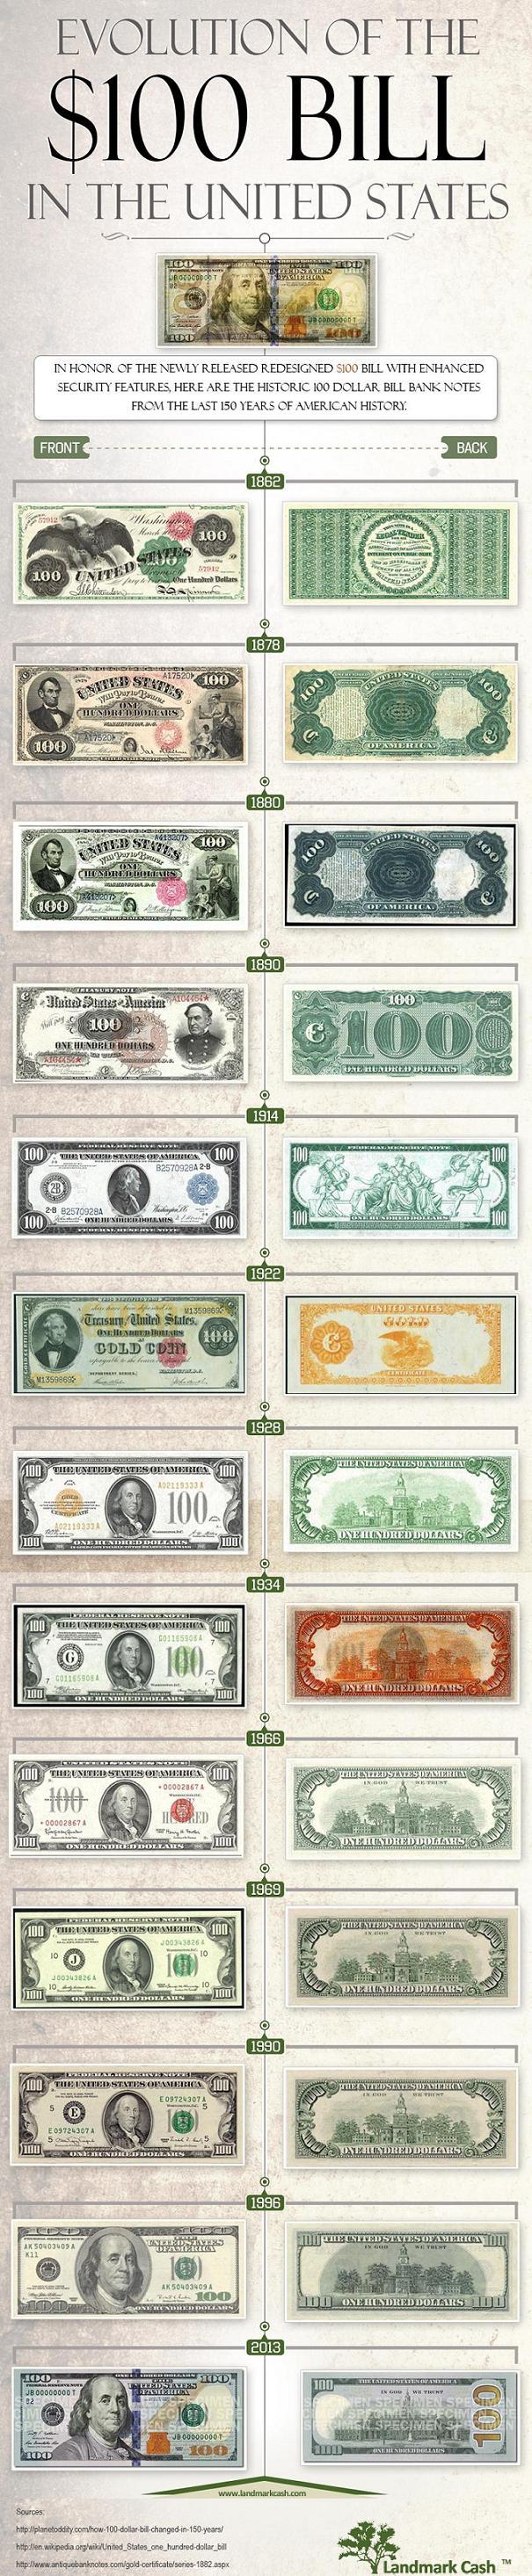 Evolution Of $100 Bill